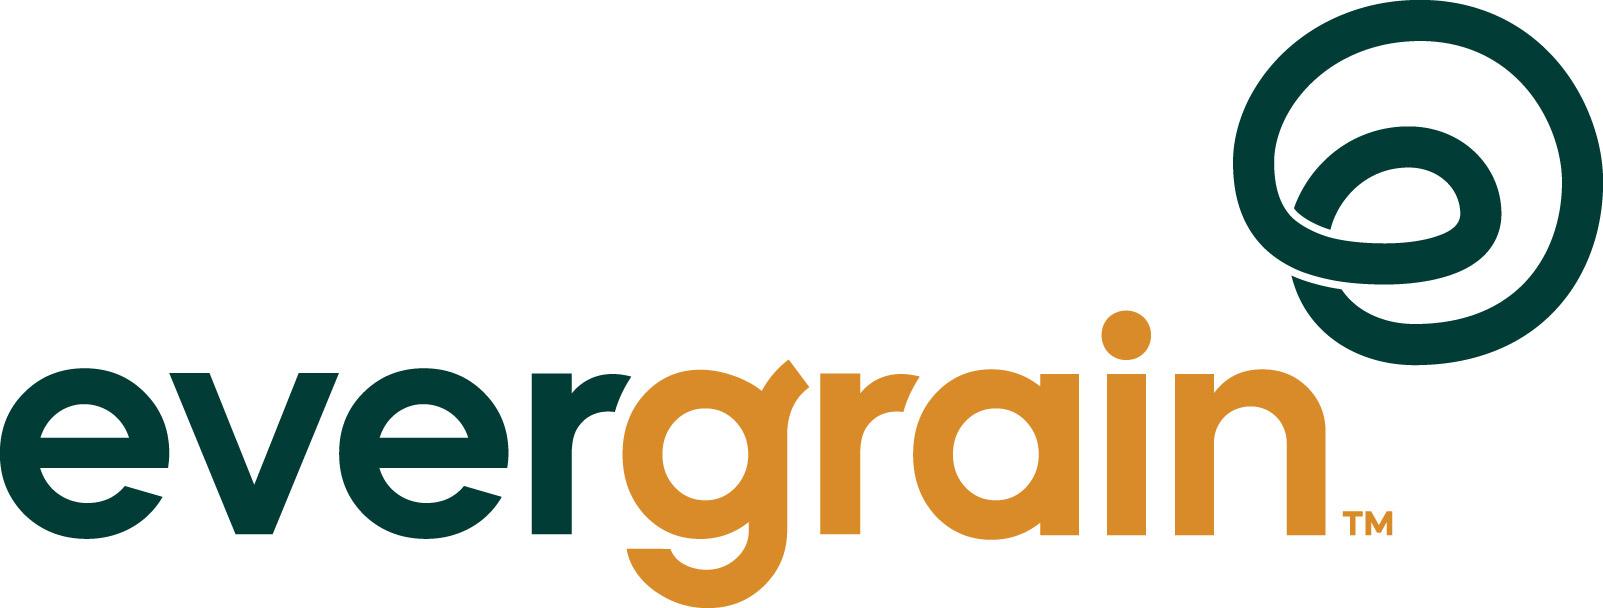 Fournisseur et distributeur de produitsEvergrain